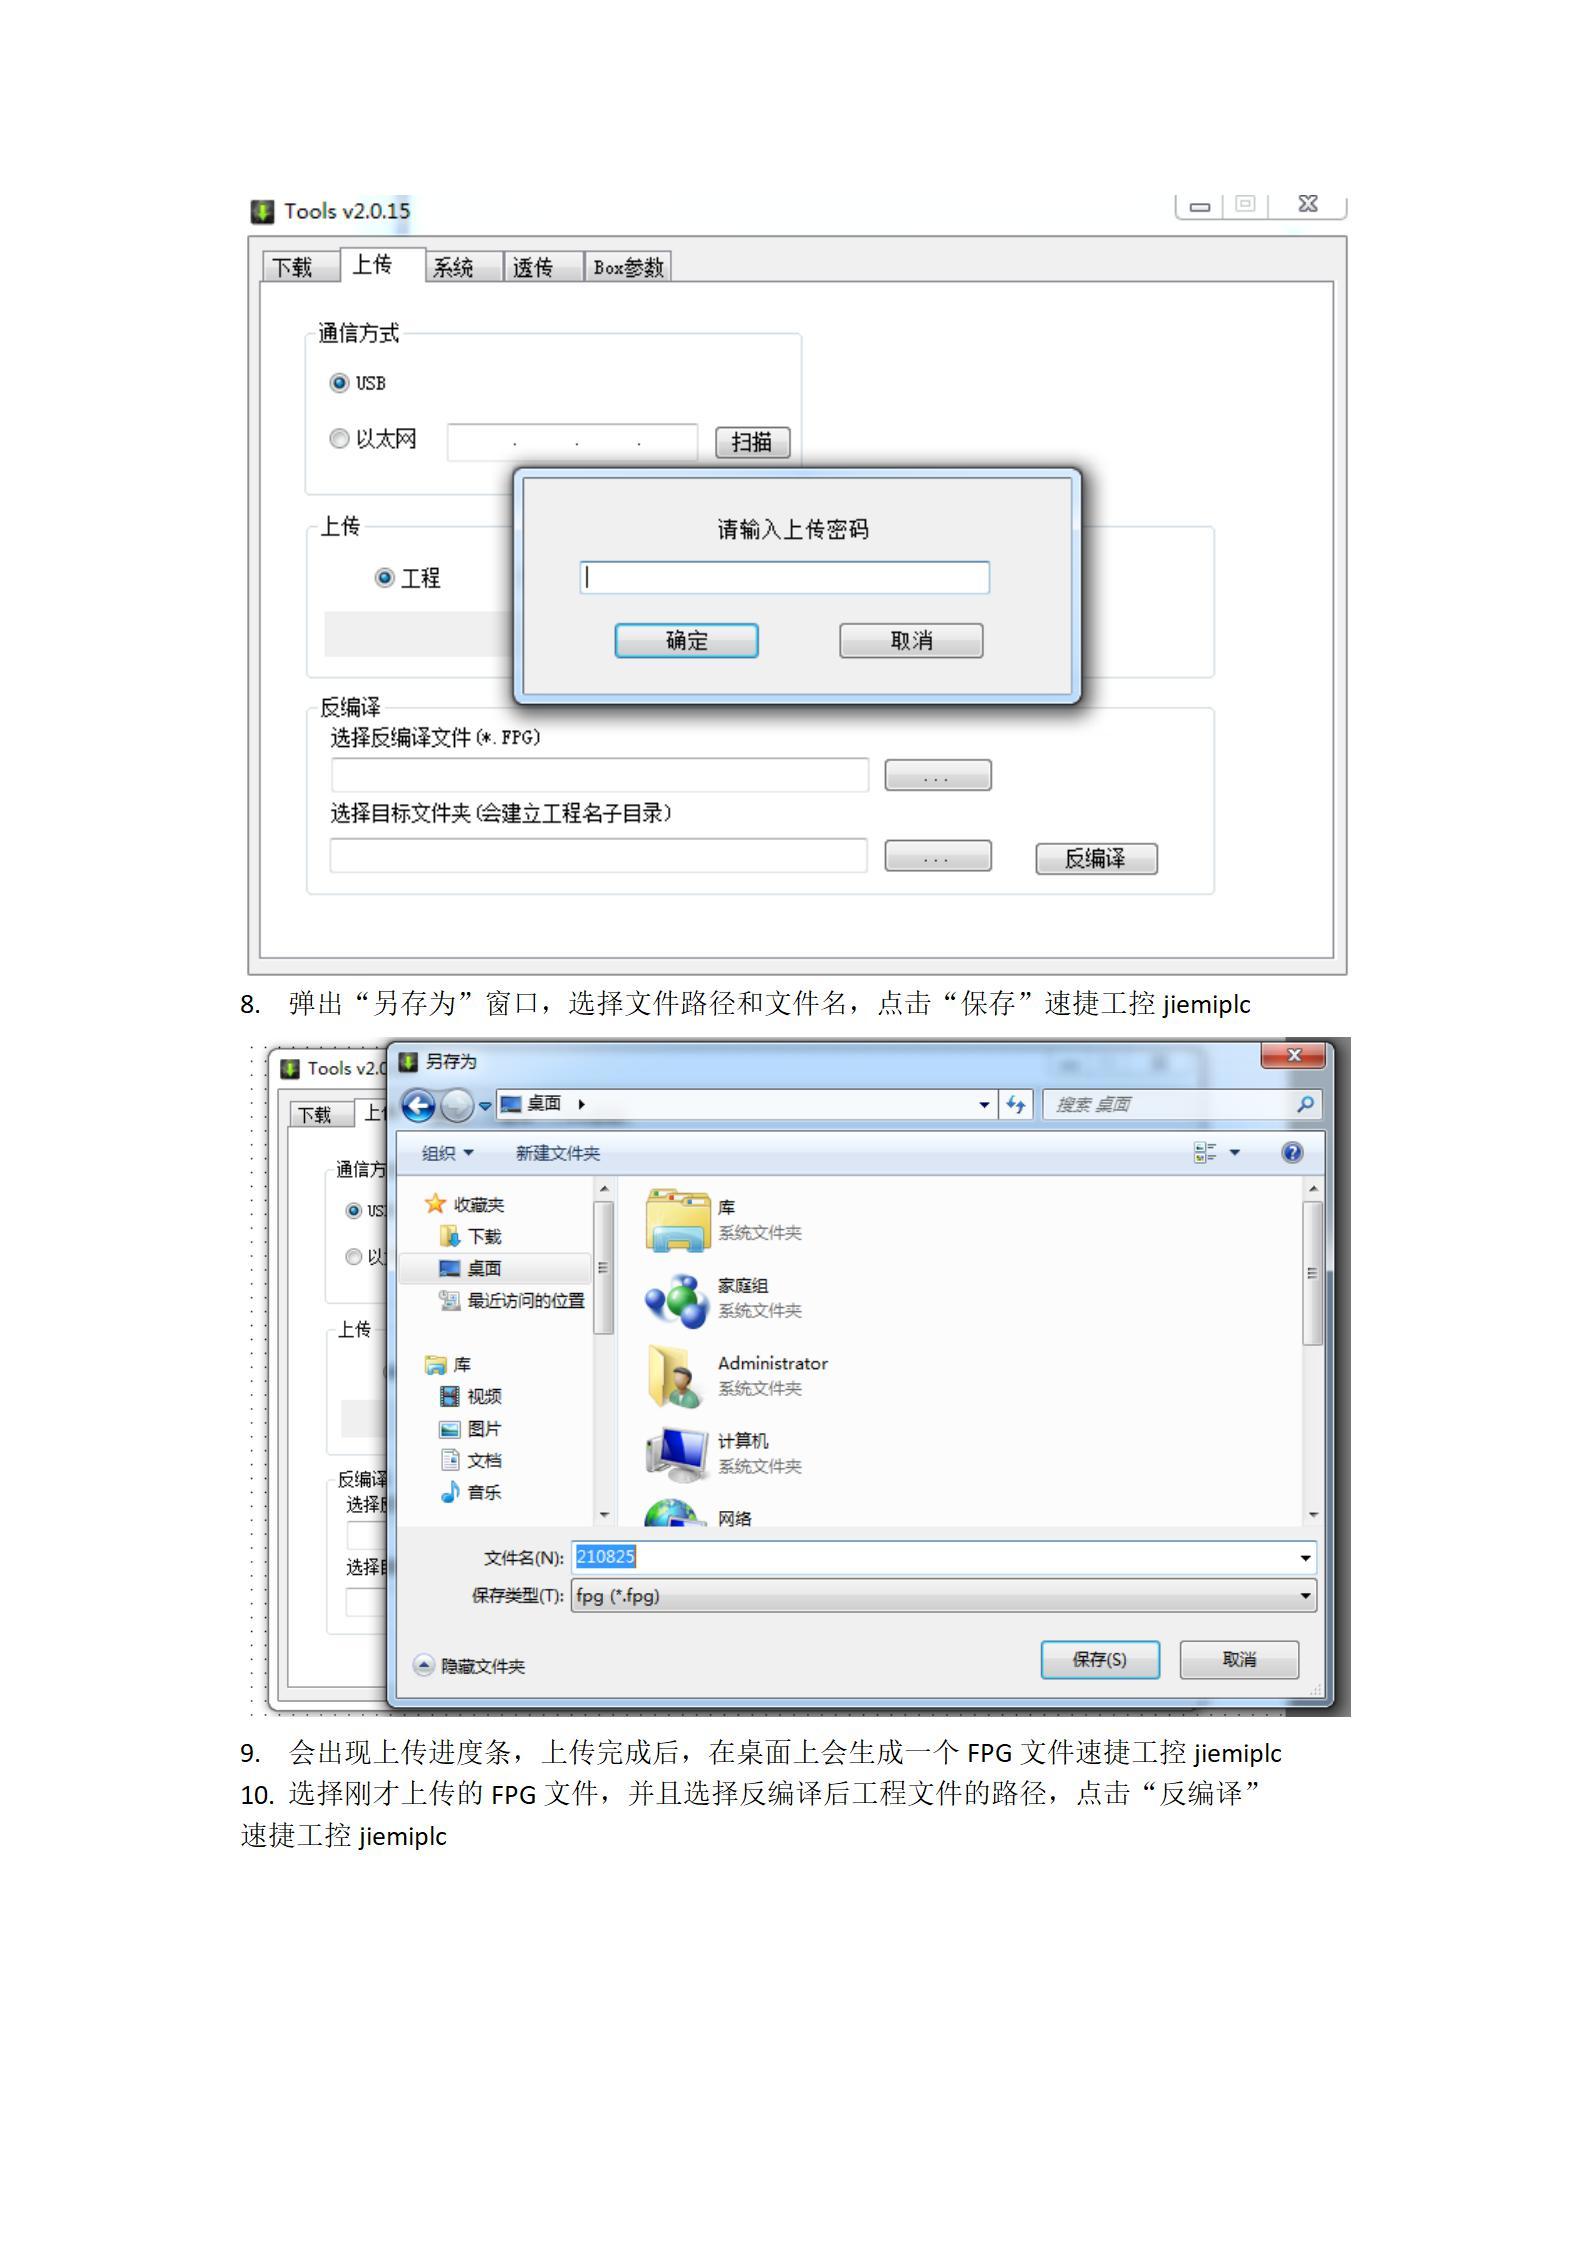 繁易触摸屏程序上载程序步骤_04